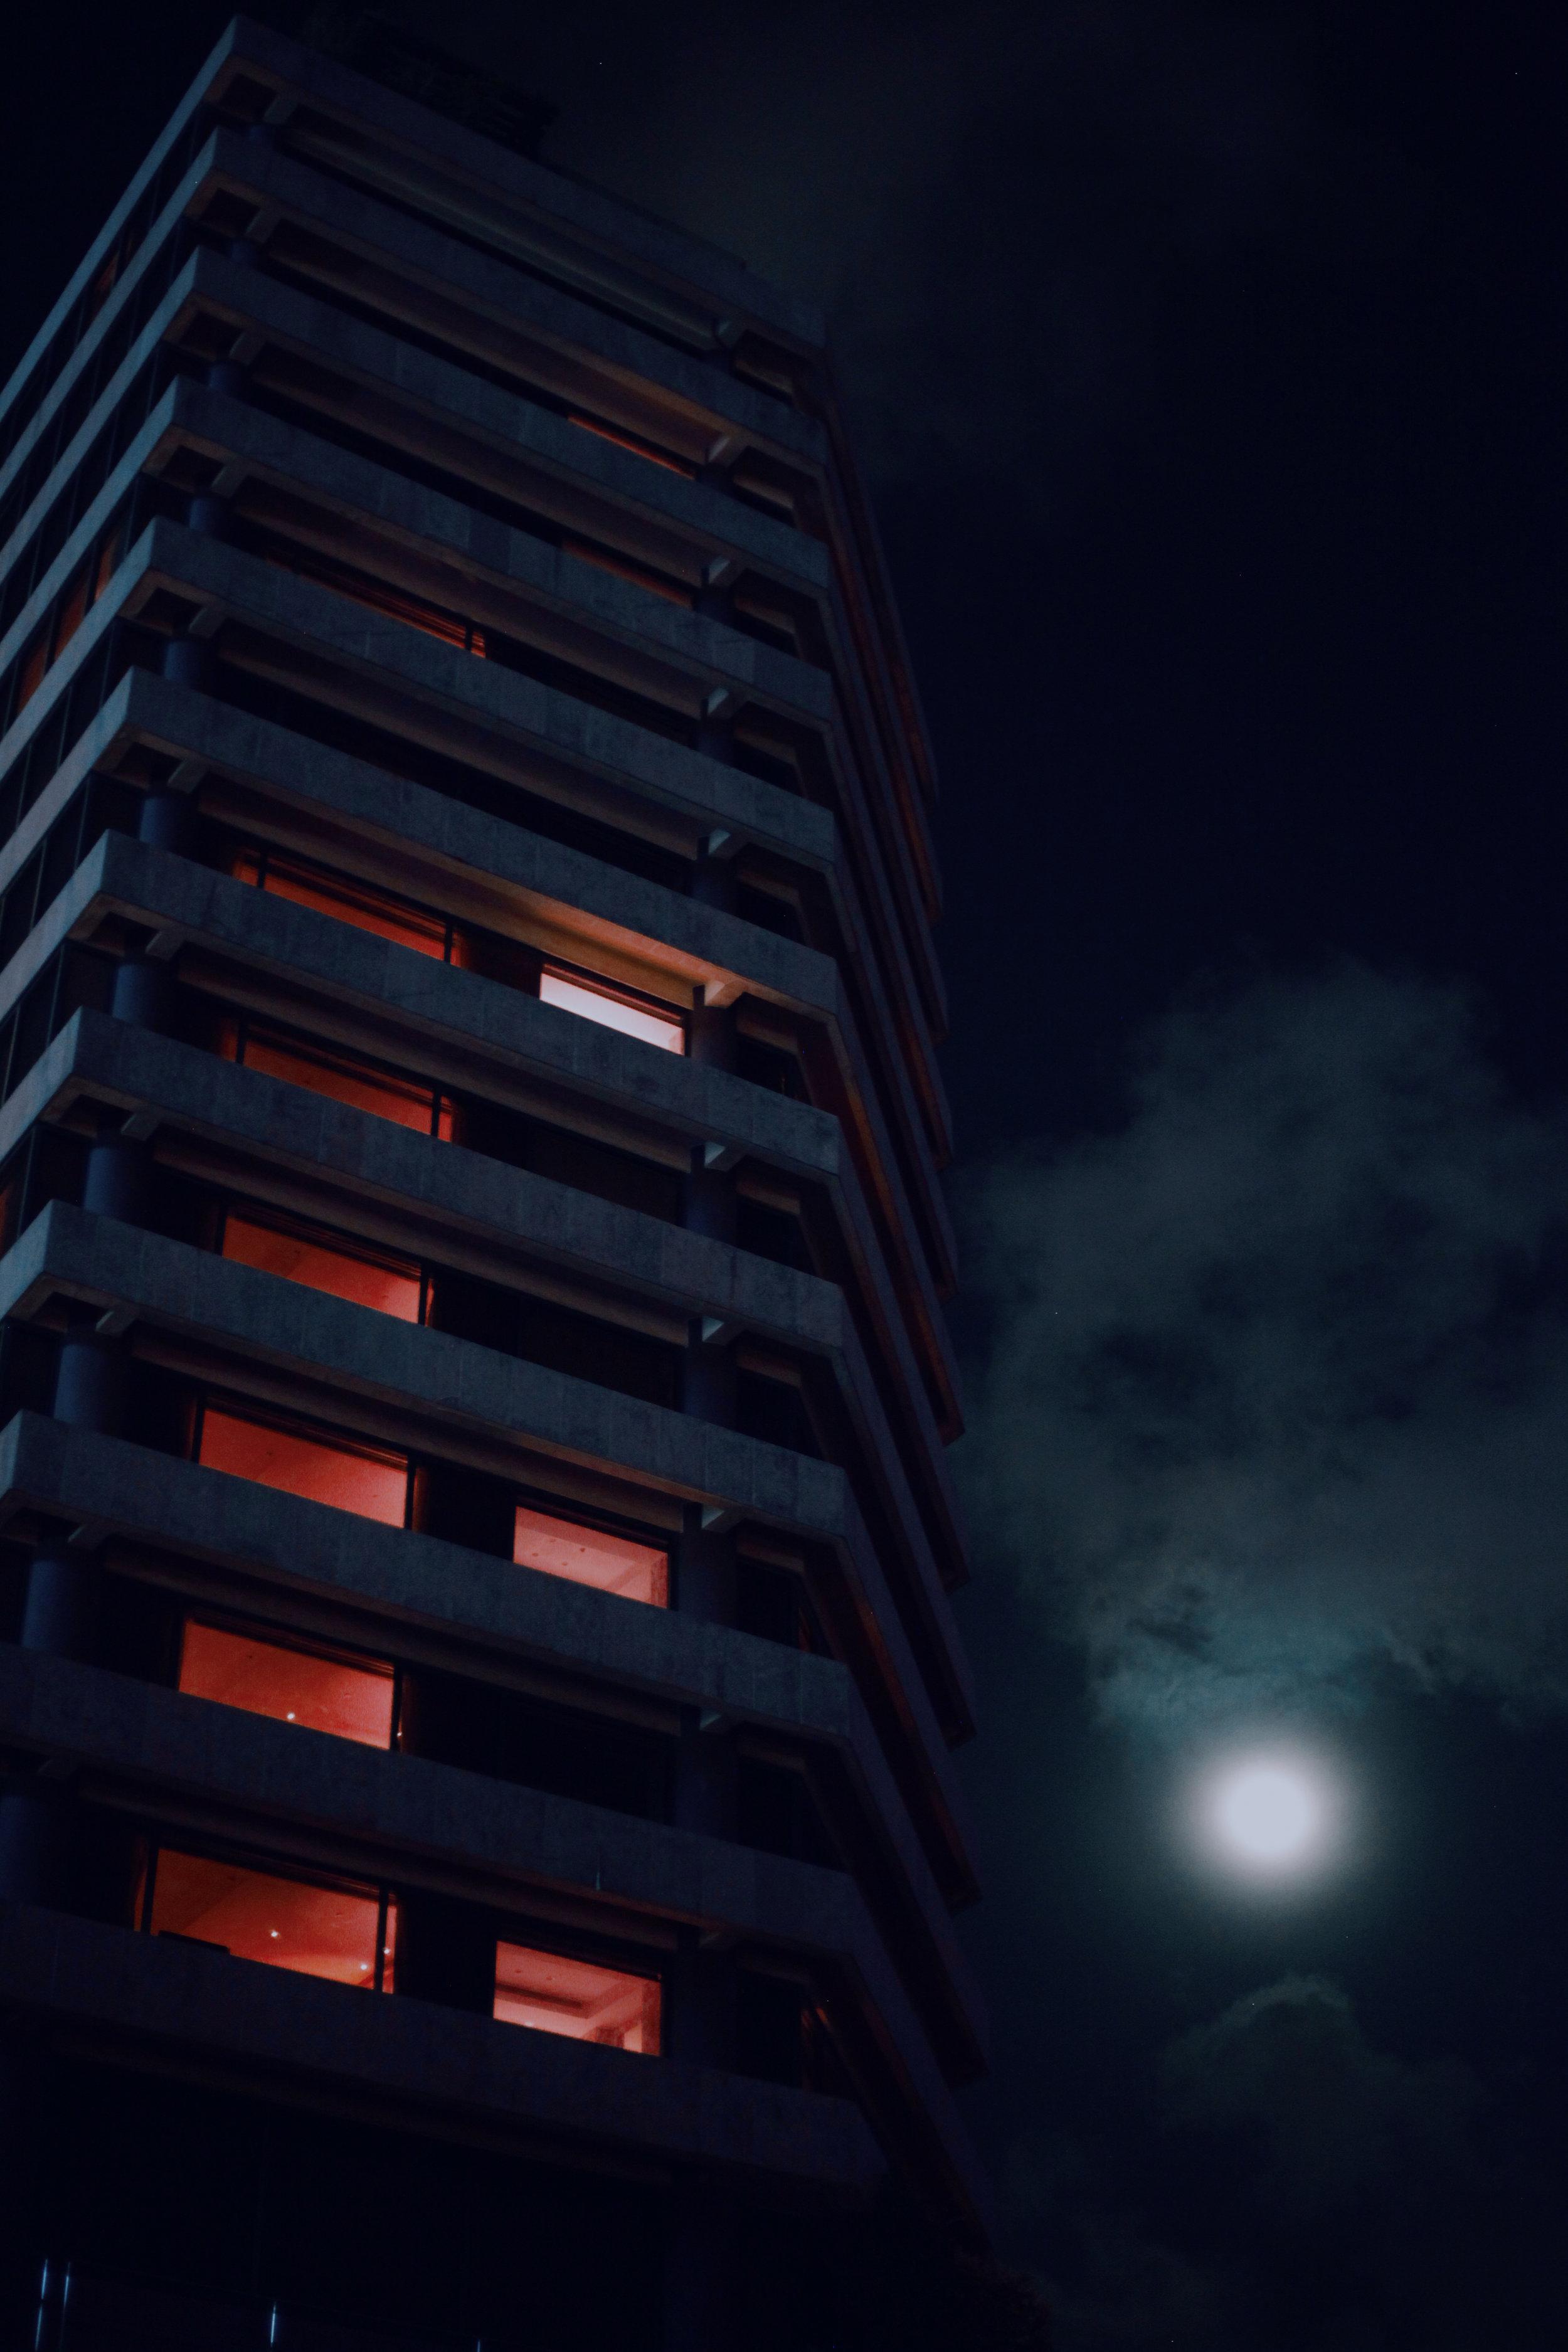 RED.LIGHT-A.jpg